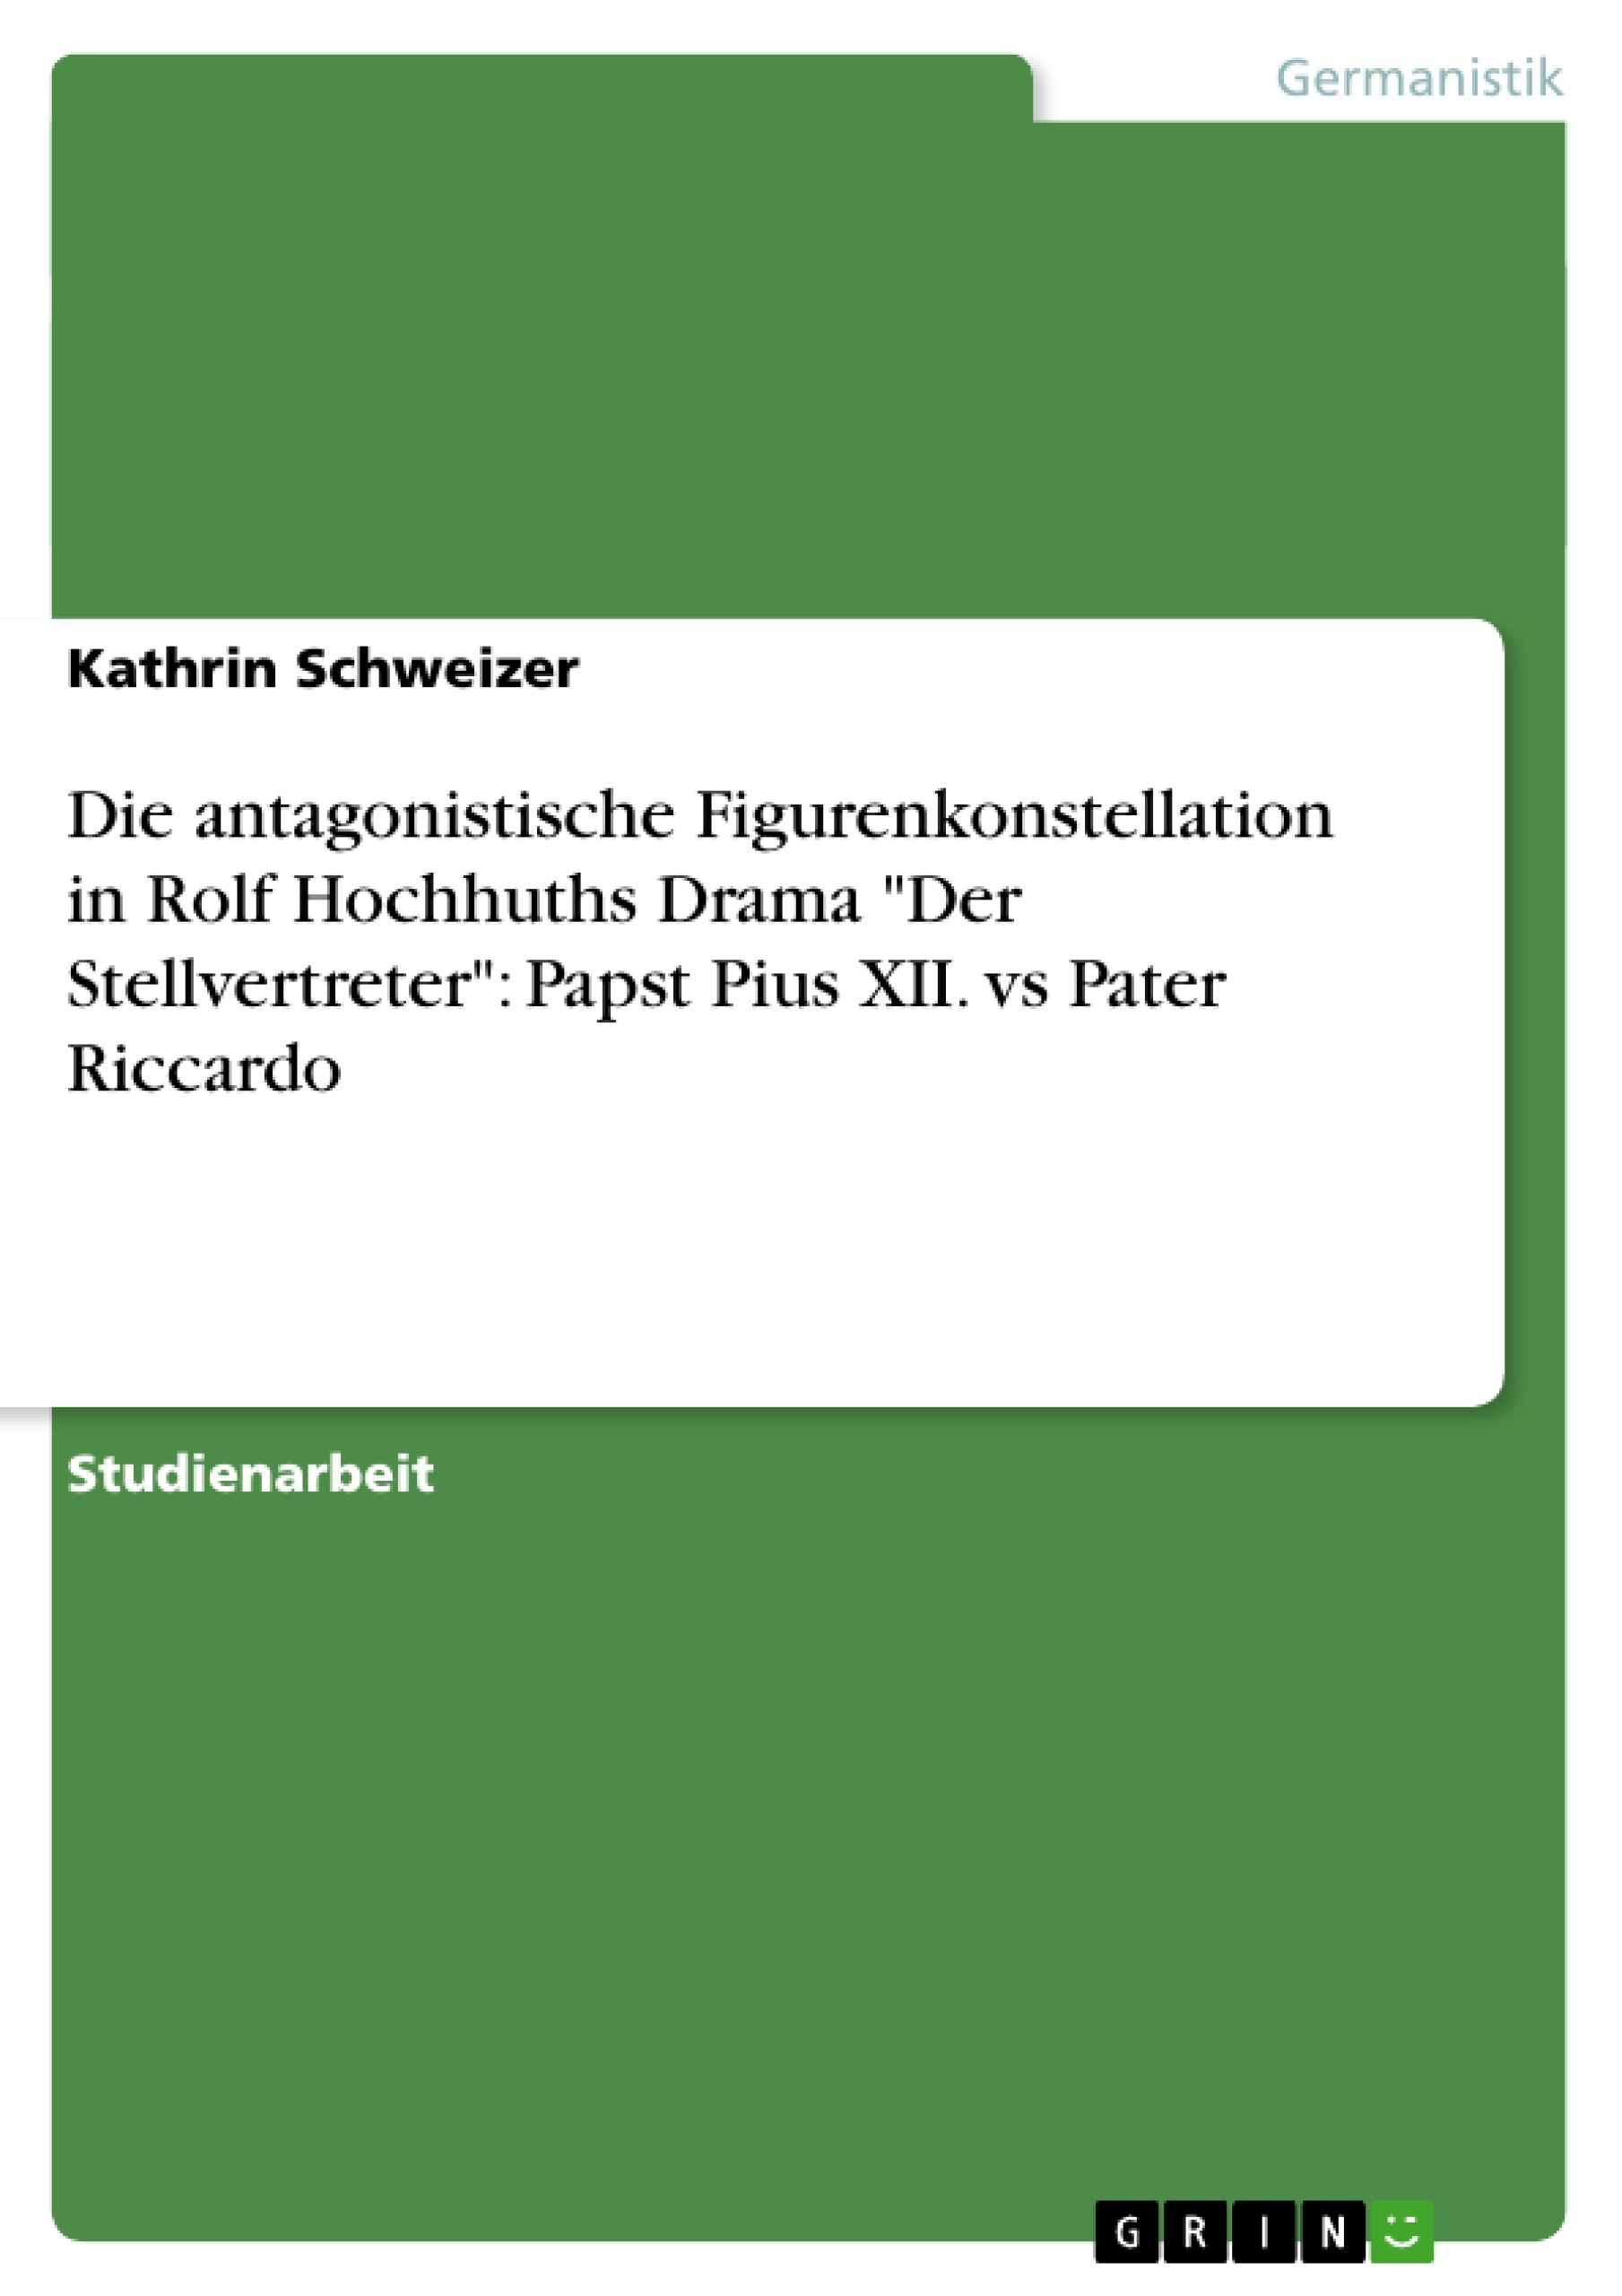 """Titel: Die antagonistische Figurenkonstellation in Rolf Hochhuths Drama """"Der Stellvertreter"""": Papst Pius XII. vs Pater Riccardo"""